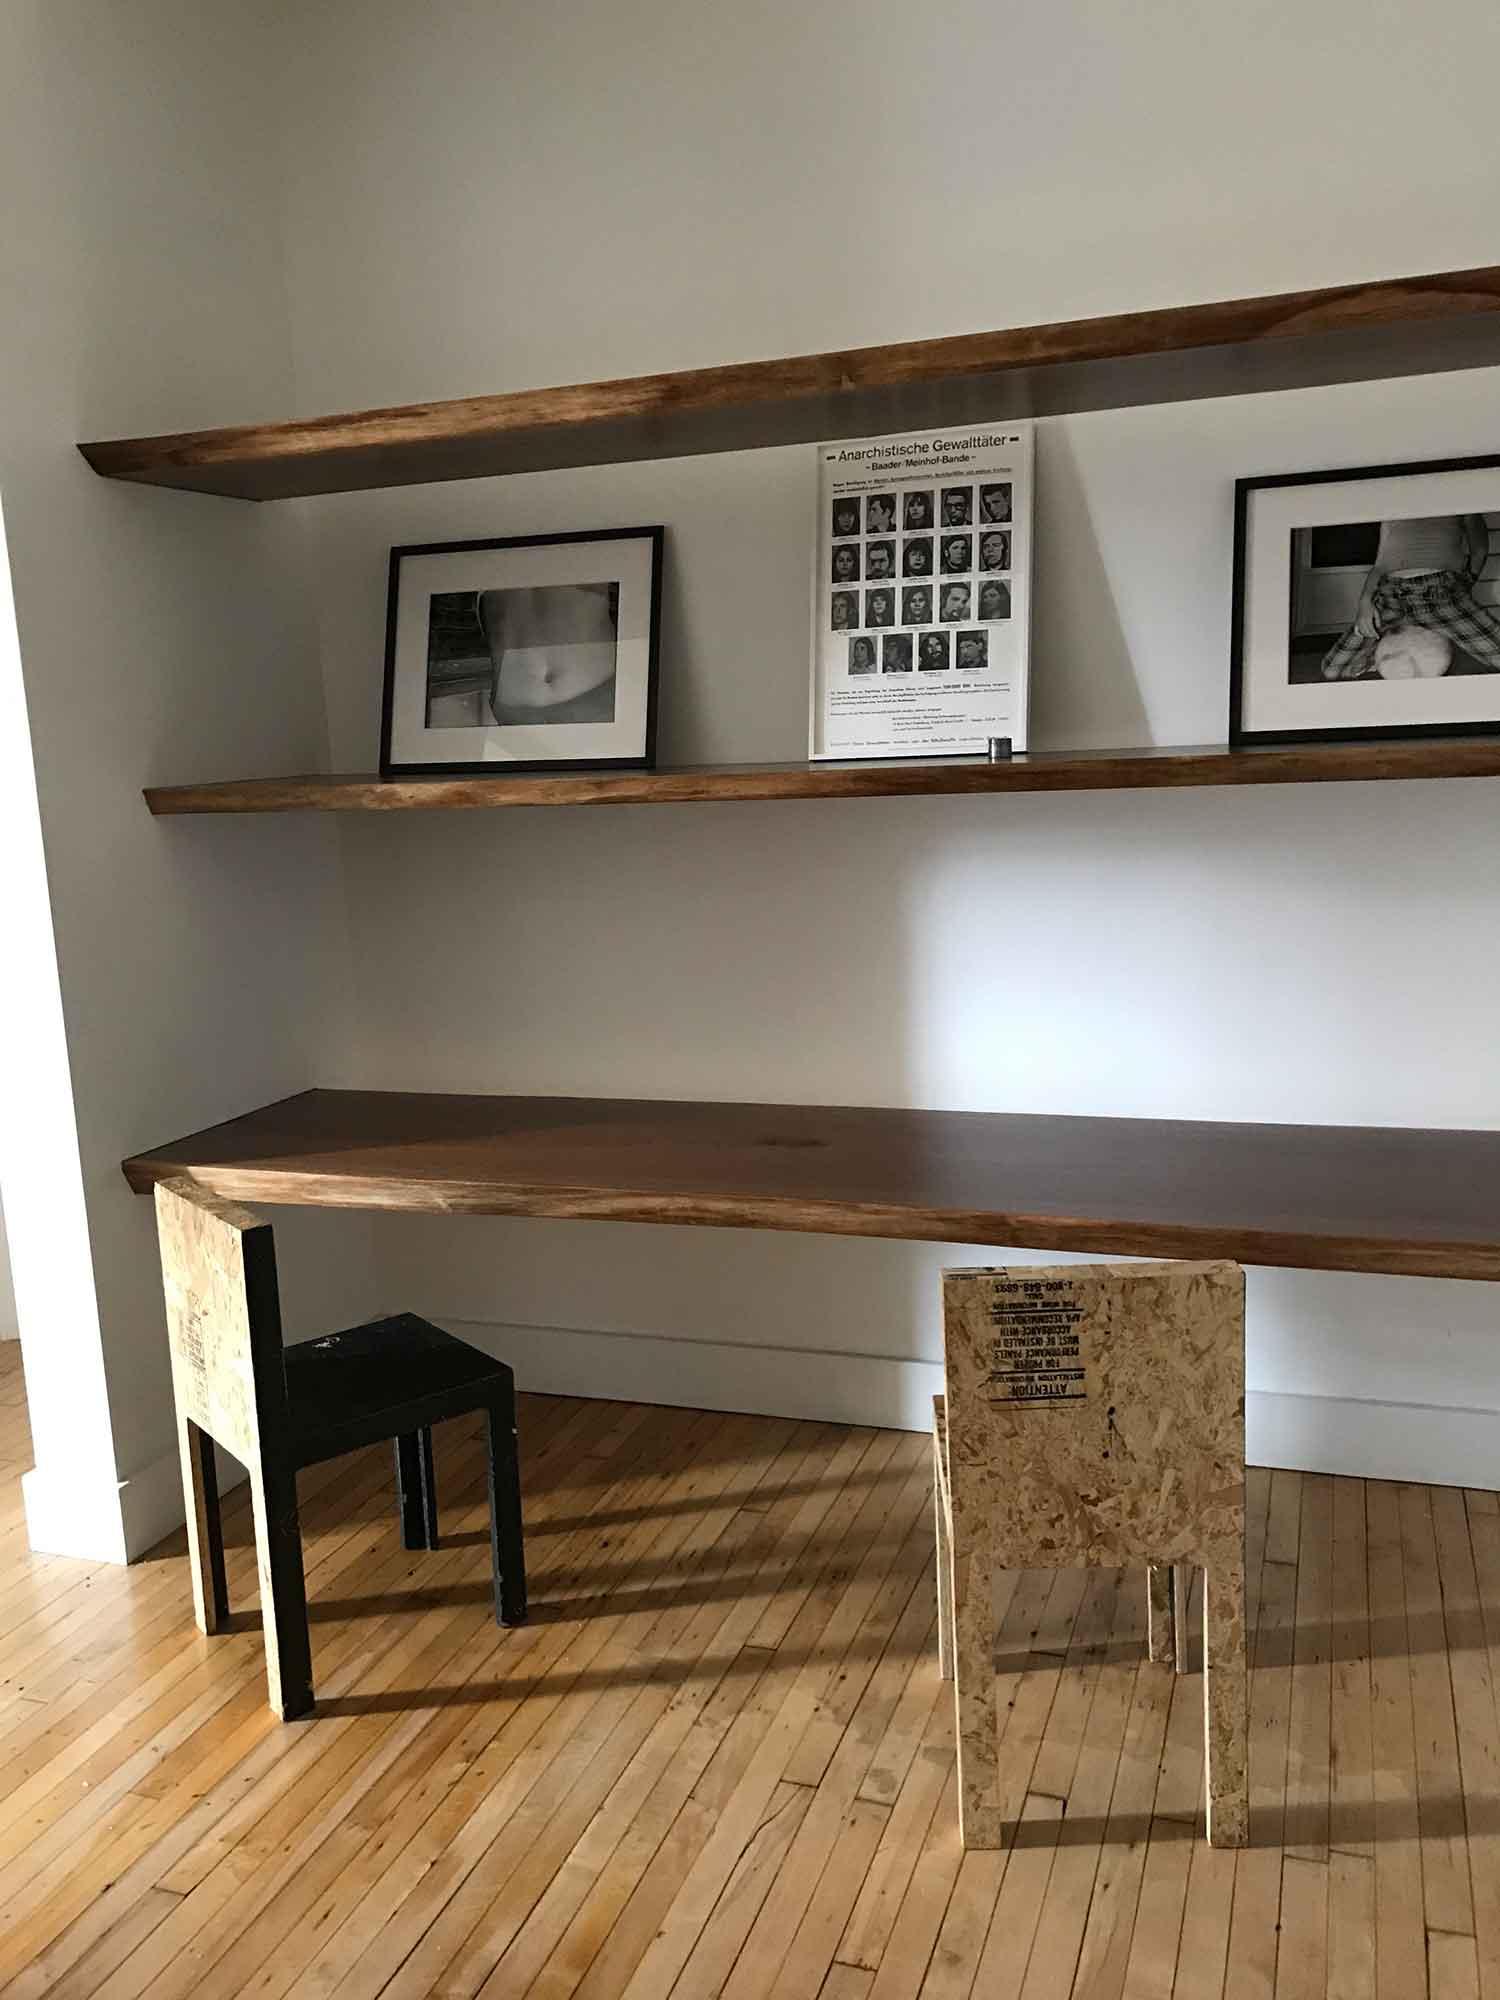 wickham-22st-shelves3.jpg